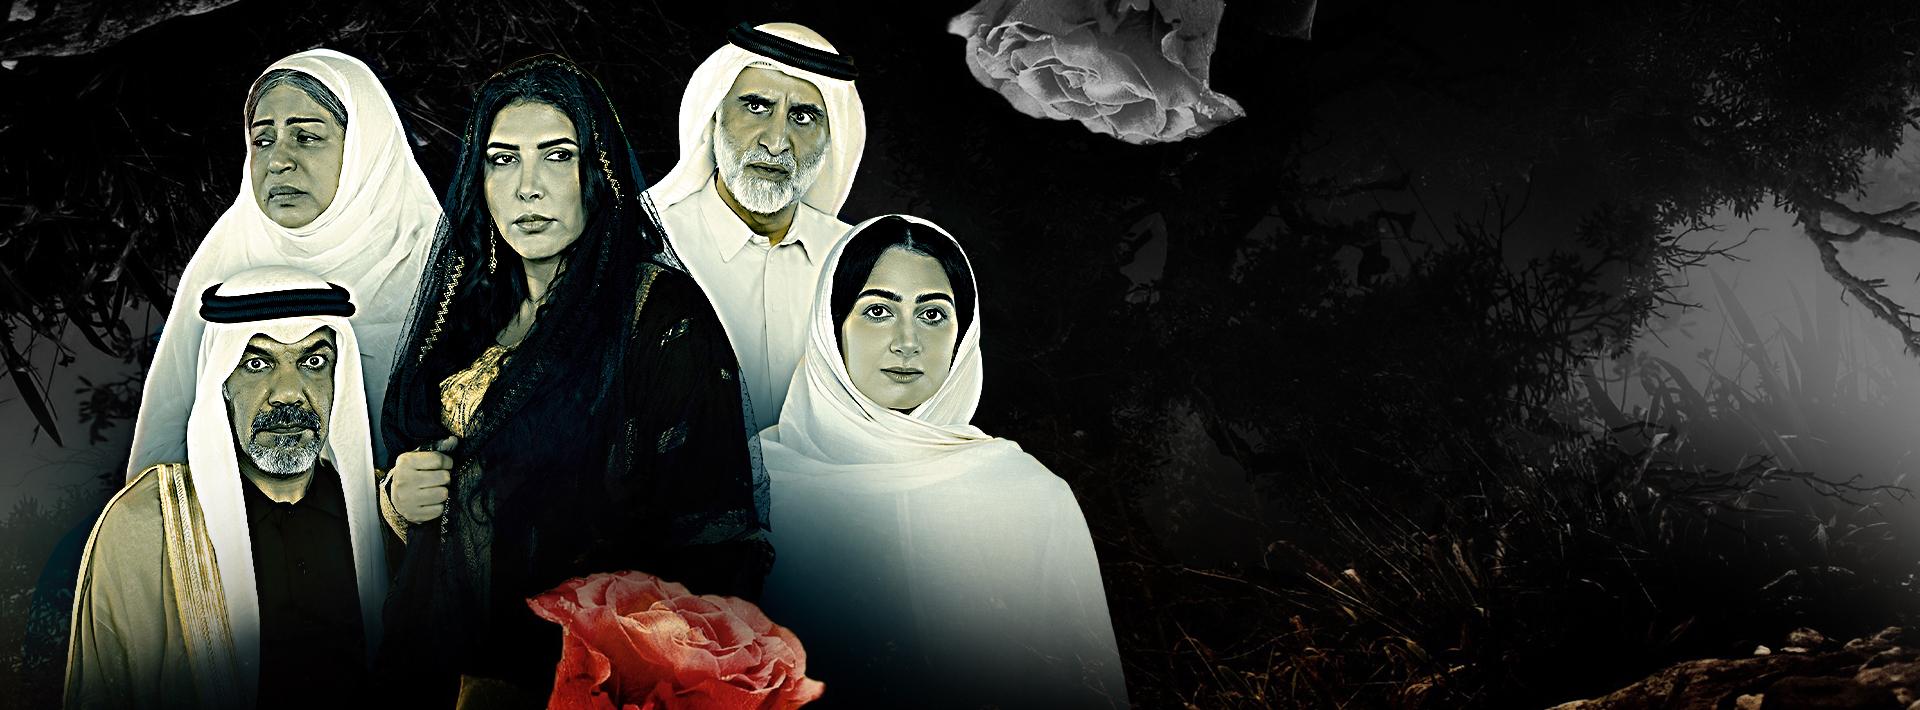 موعد وتوقيت عرض مسلسلات قناة الإمارات في رمضان 2020